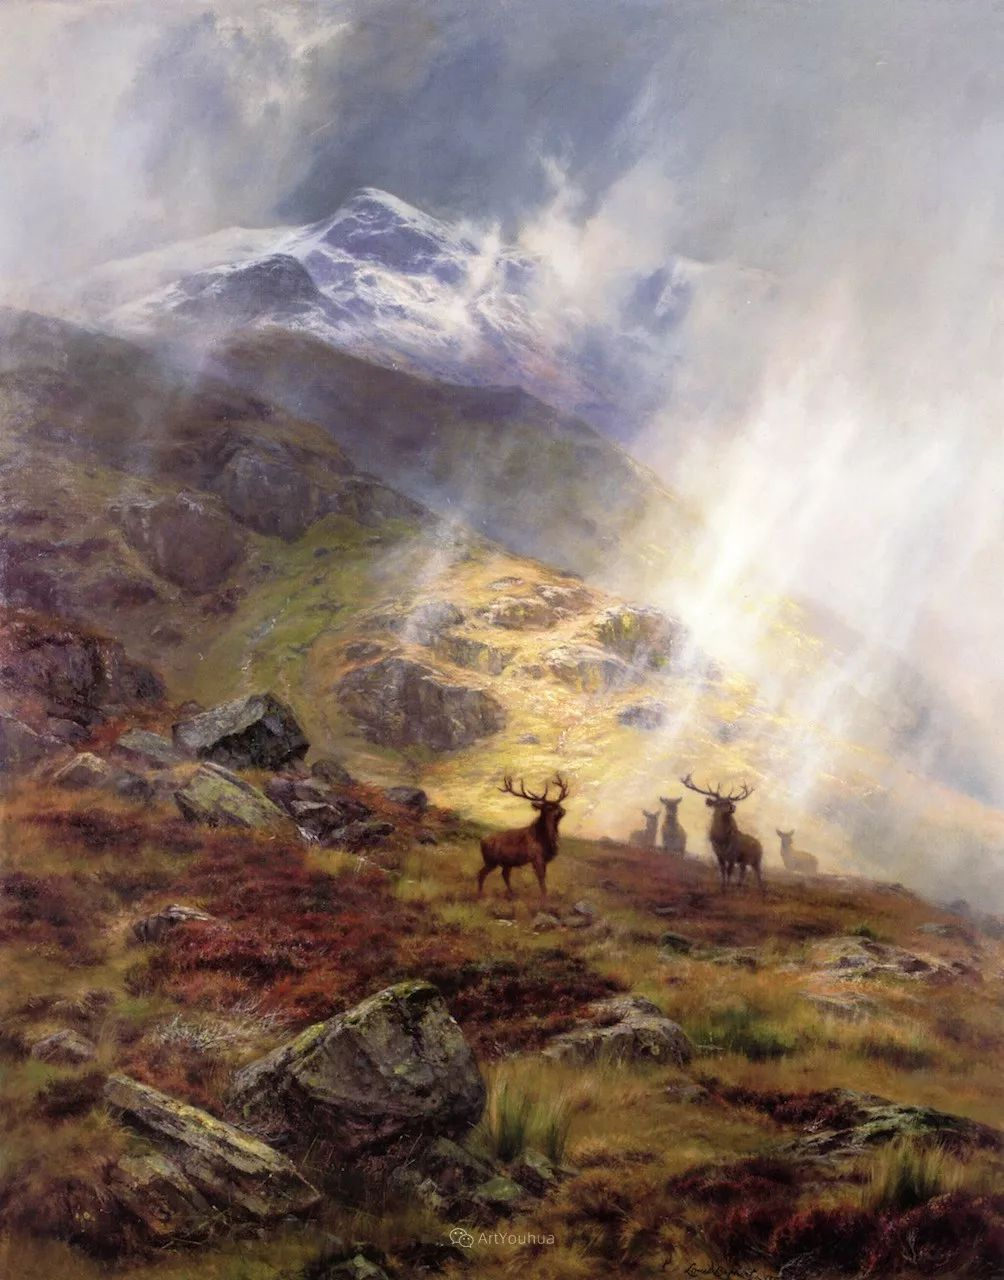 高地牛与风景的完美融合,太壮观了!英国画家Louis Bosworth Hurt插图4